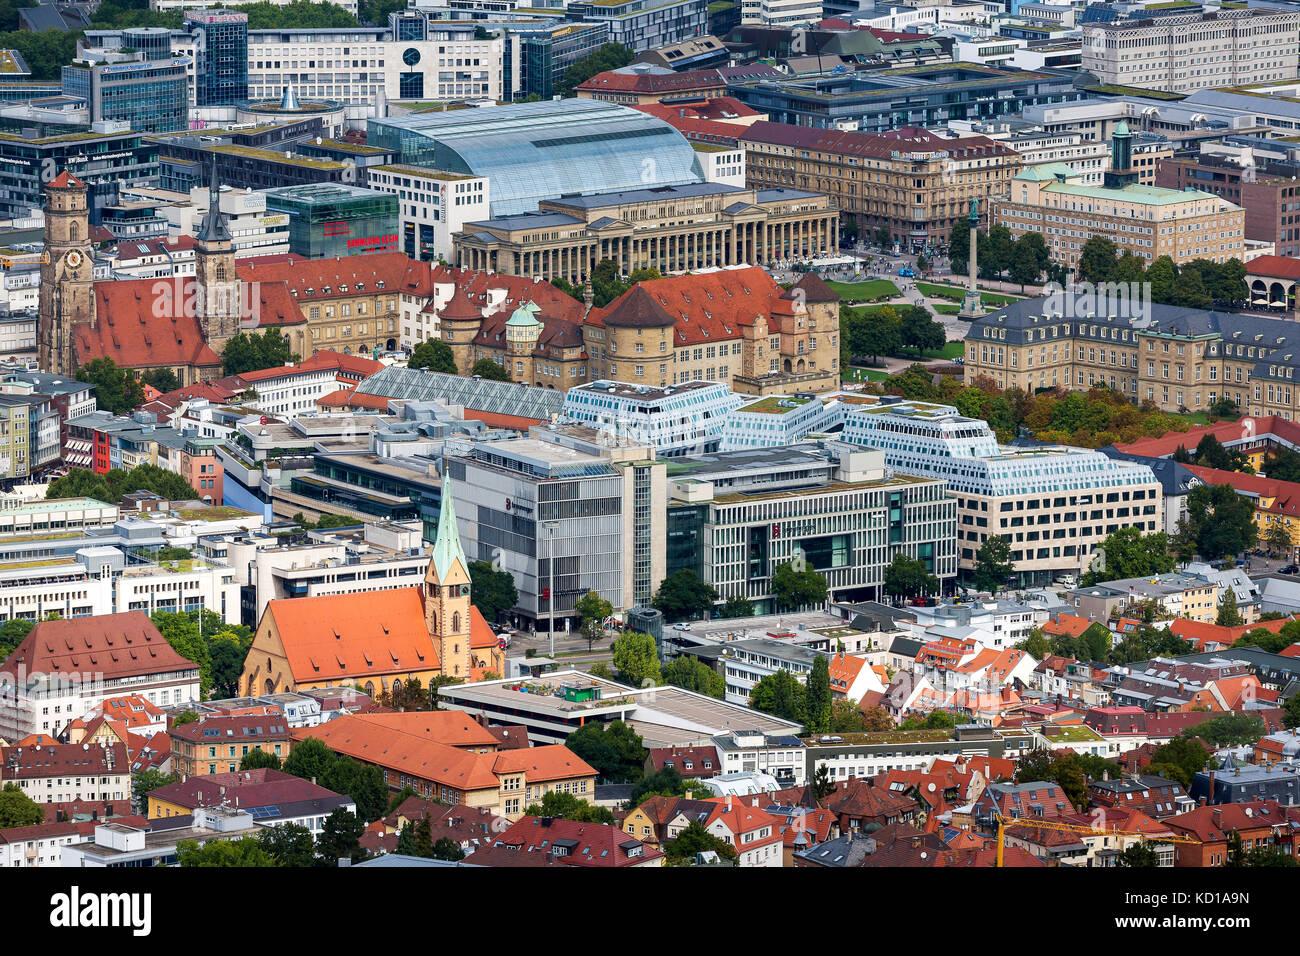 Stadtbild von Stuttgart, Baden-Württemberg. Stockbild